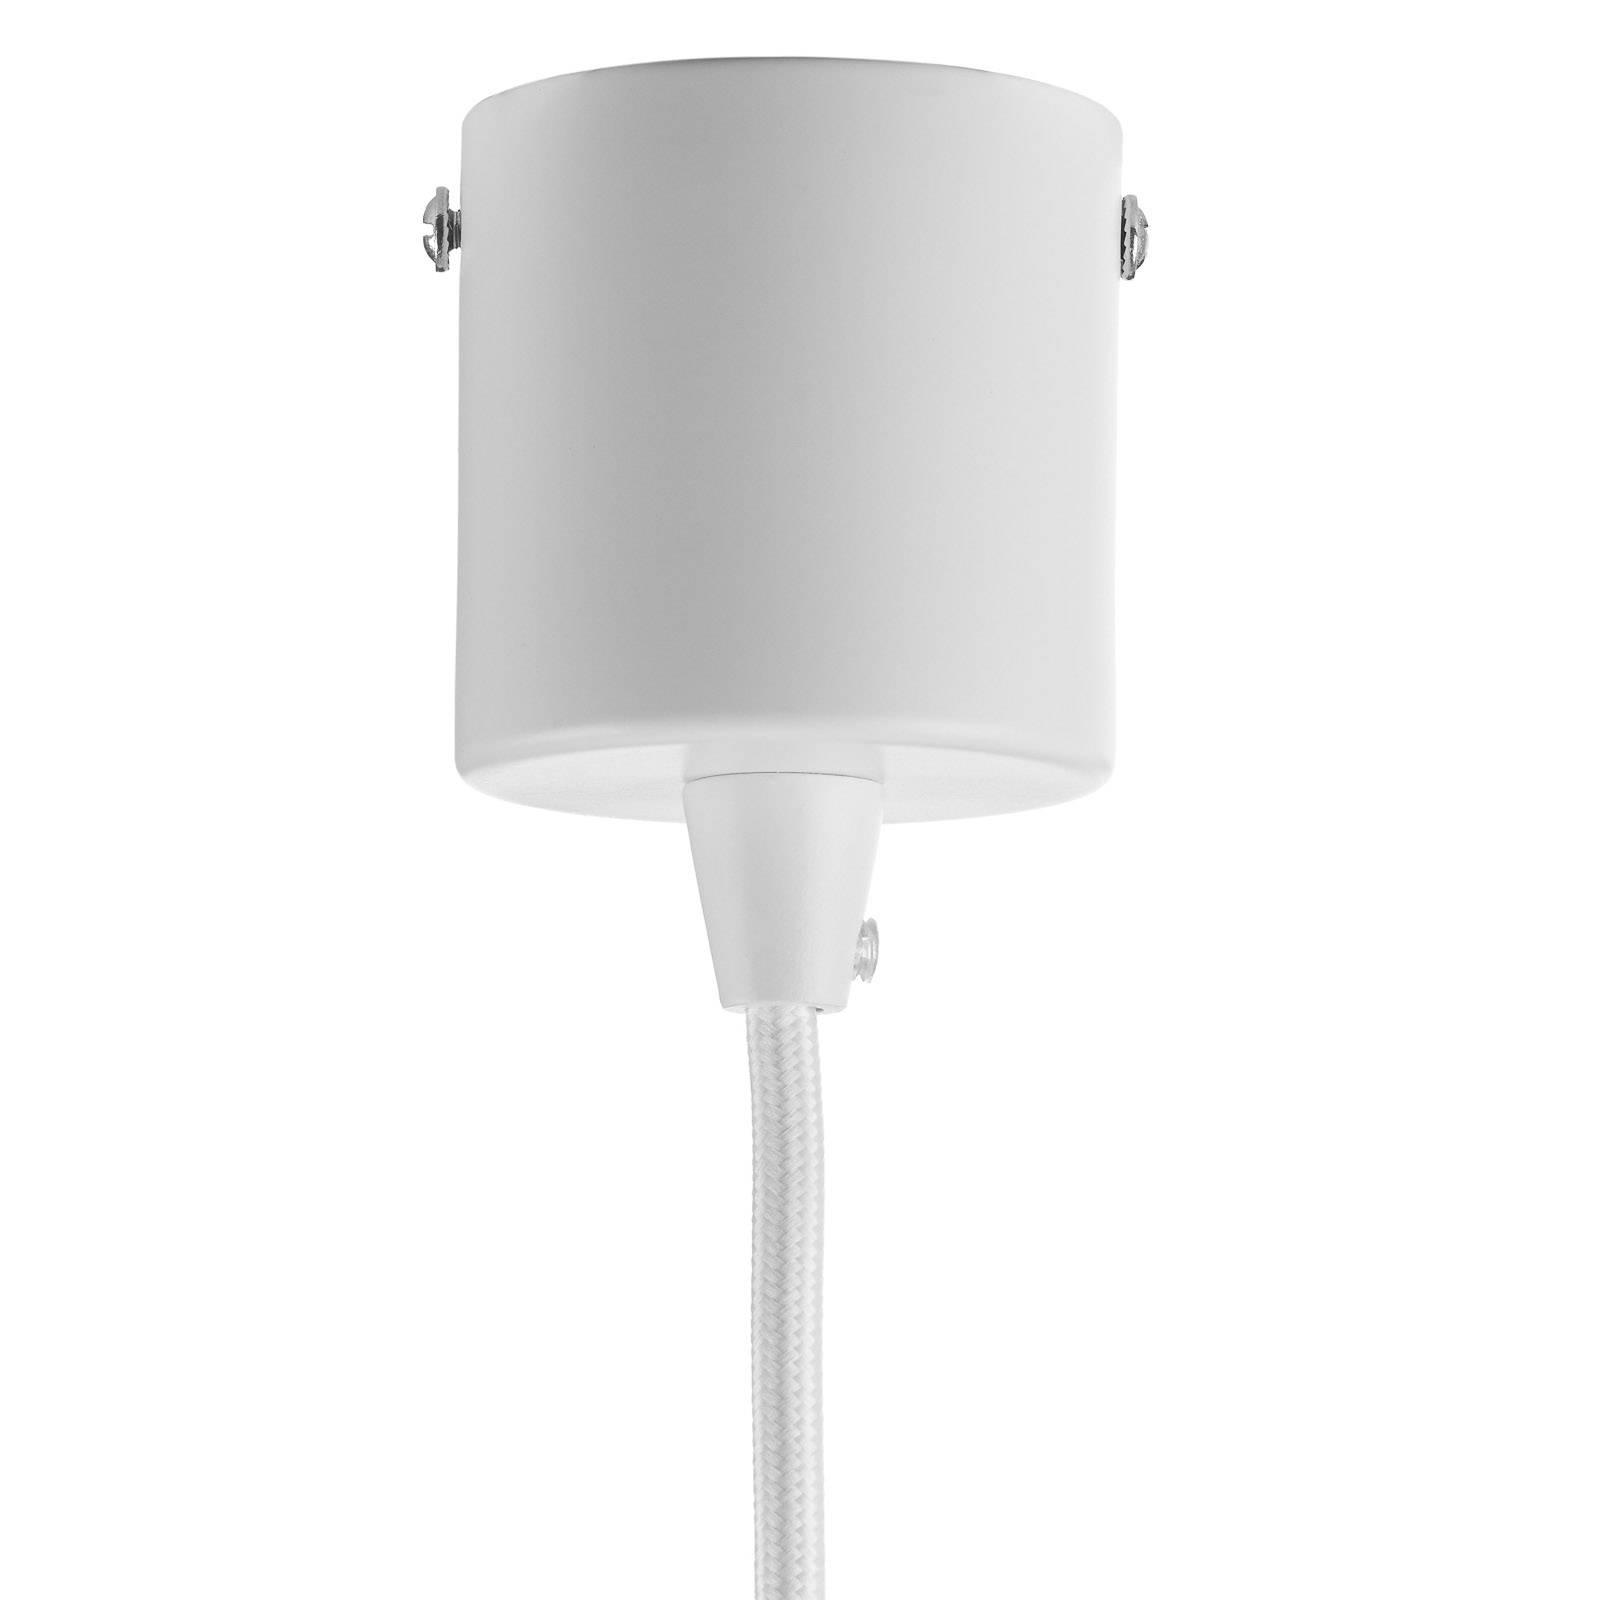 Suspension LED Look de forme allongée, blanche